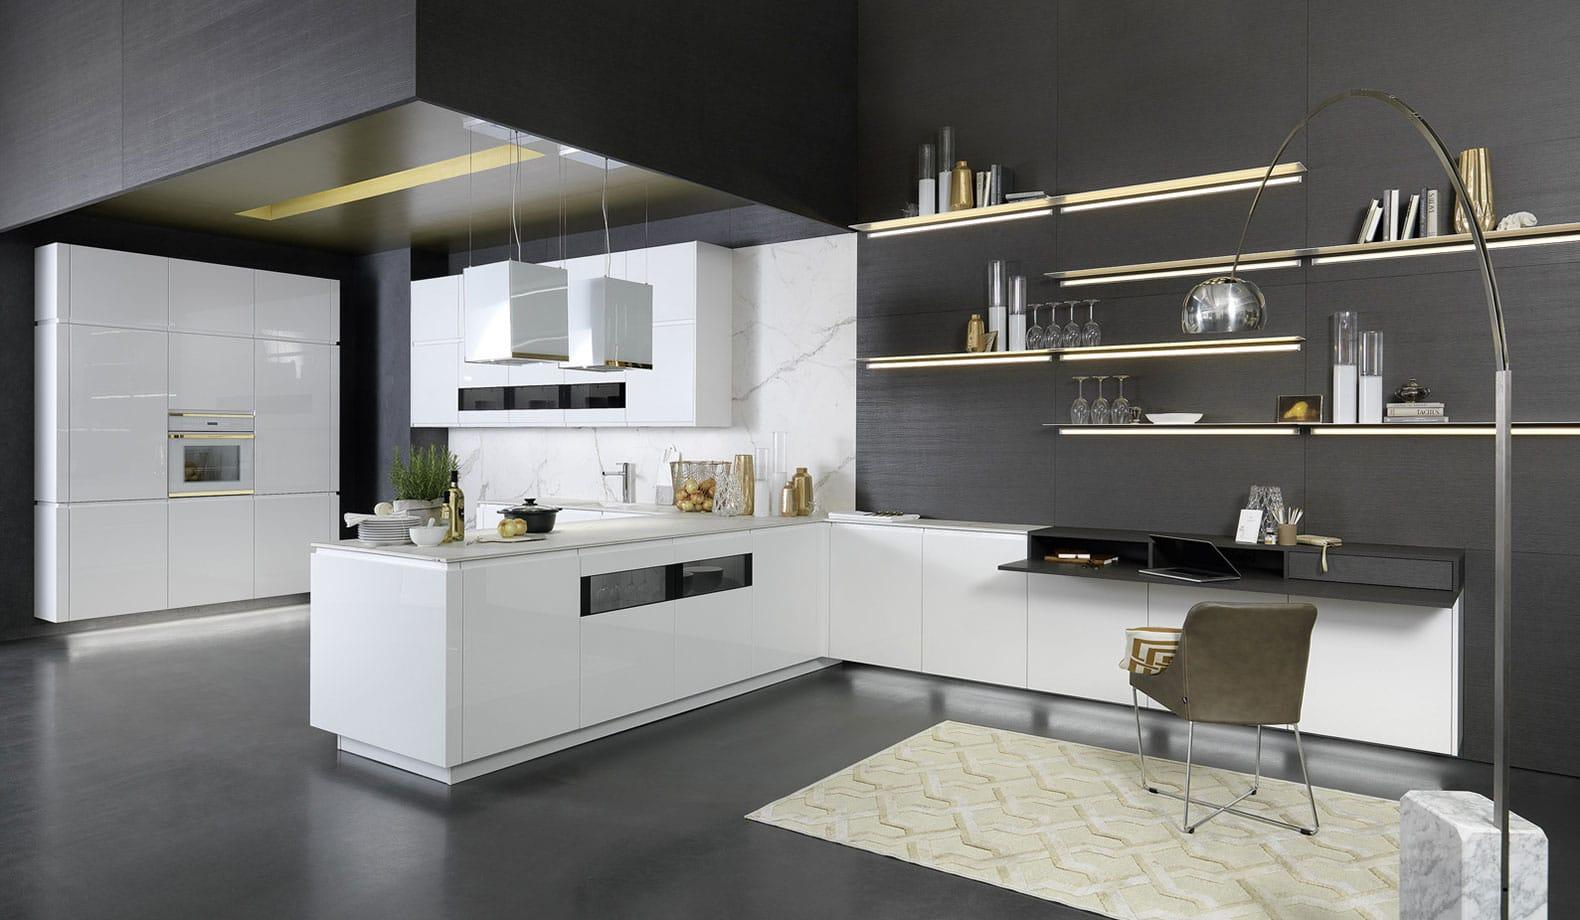 projekte objekte kochen und essen. Black Bedroom Furniture Sets. Home Design Ideas